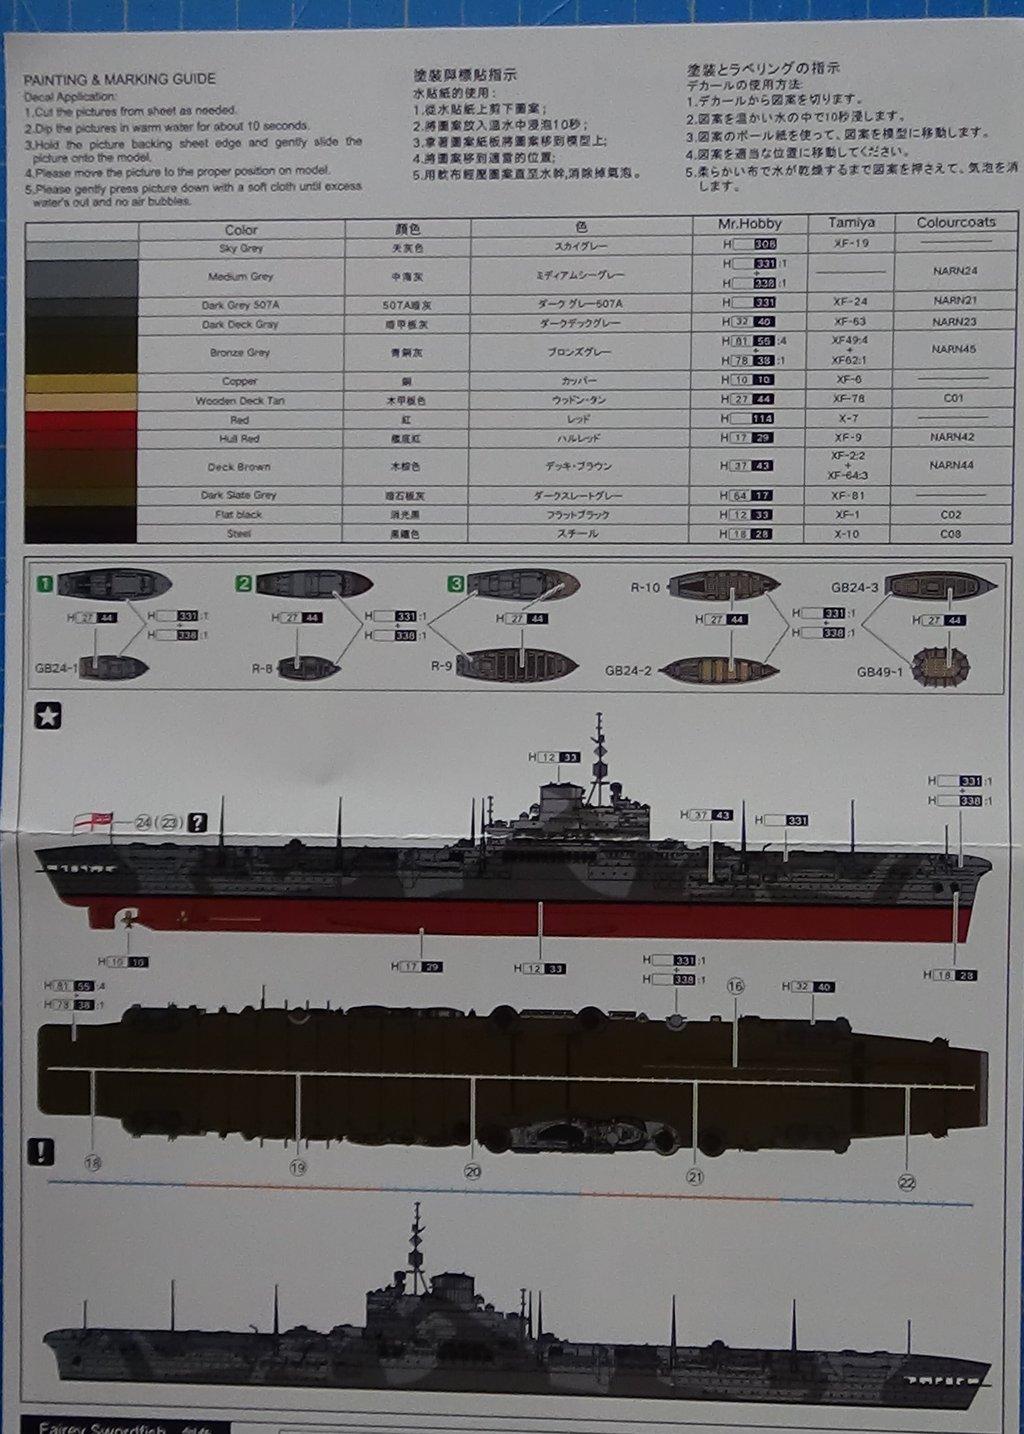 Derniers Achats - Page 20 Vc0aLb-HMS-Illustrious-035